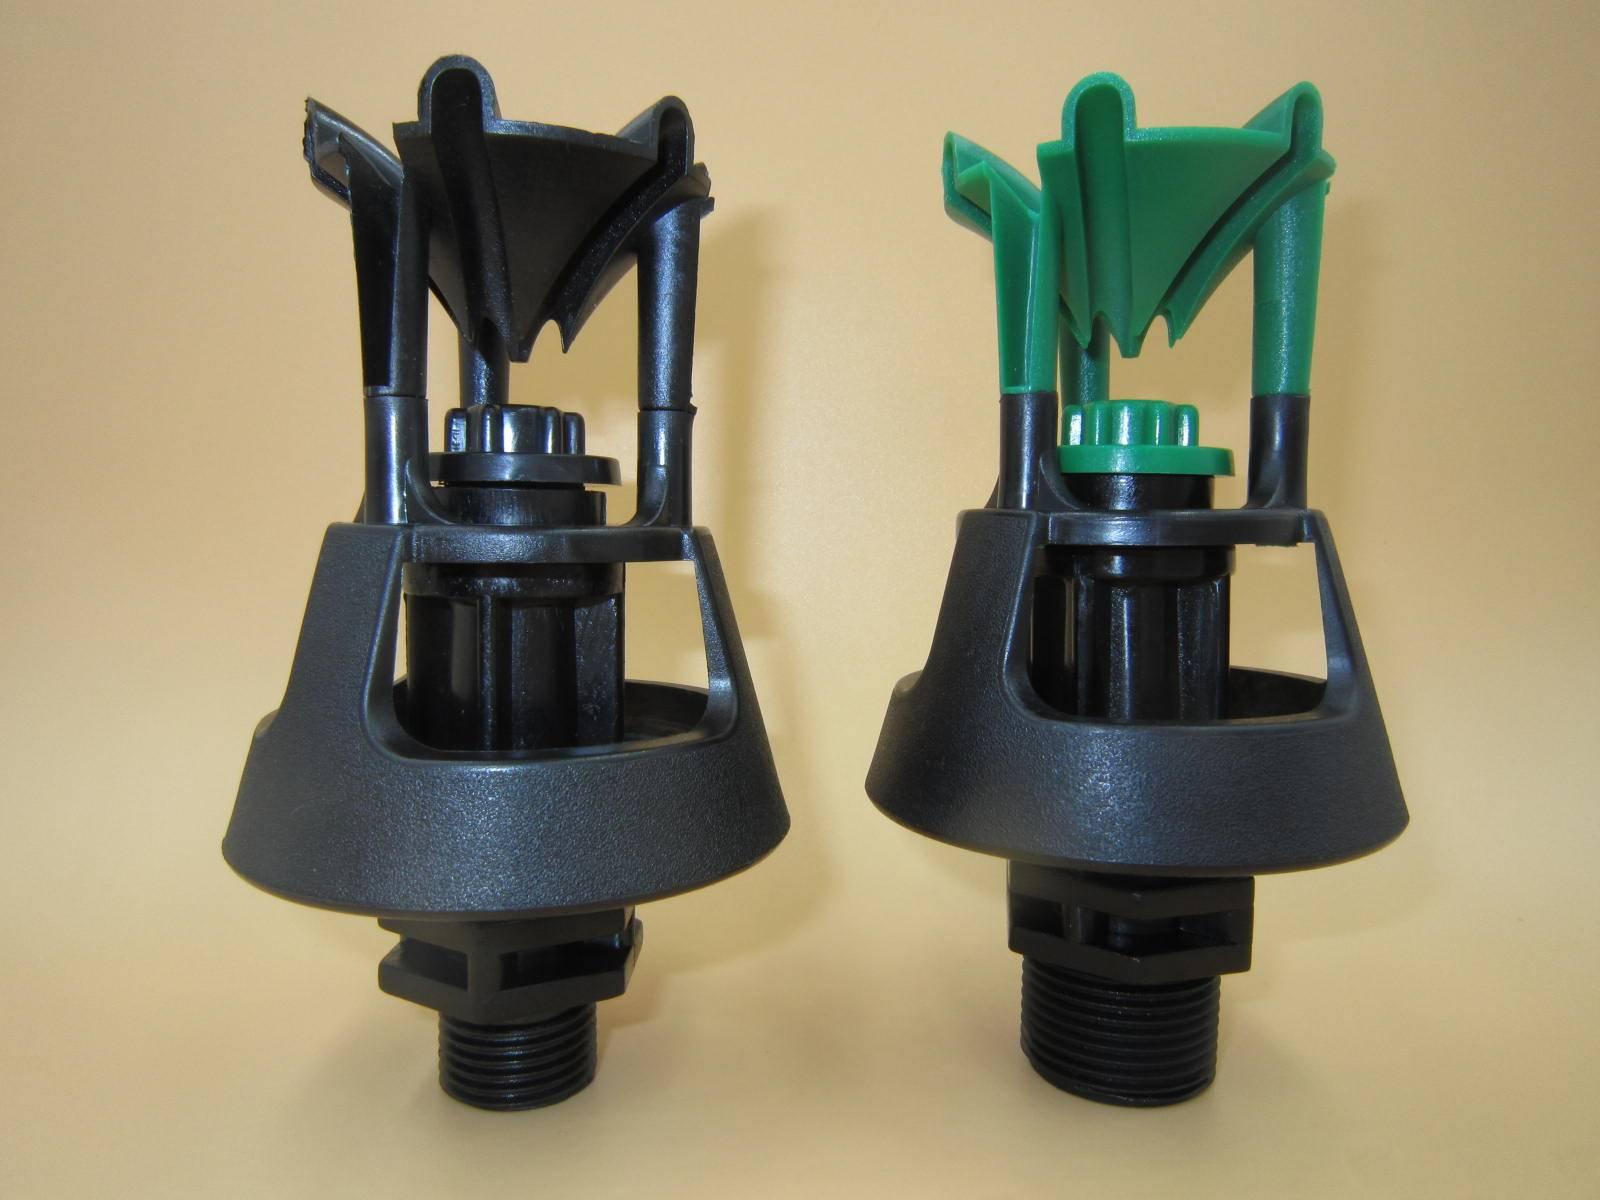 Super 10 micro plastic sprinkler